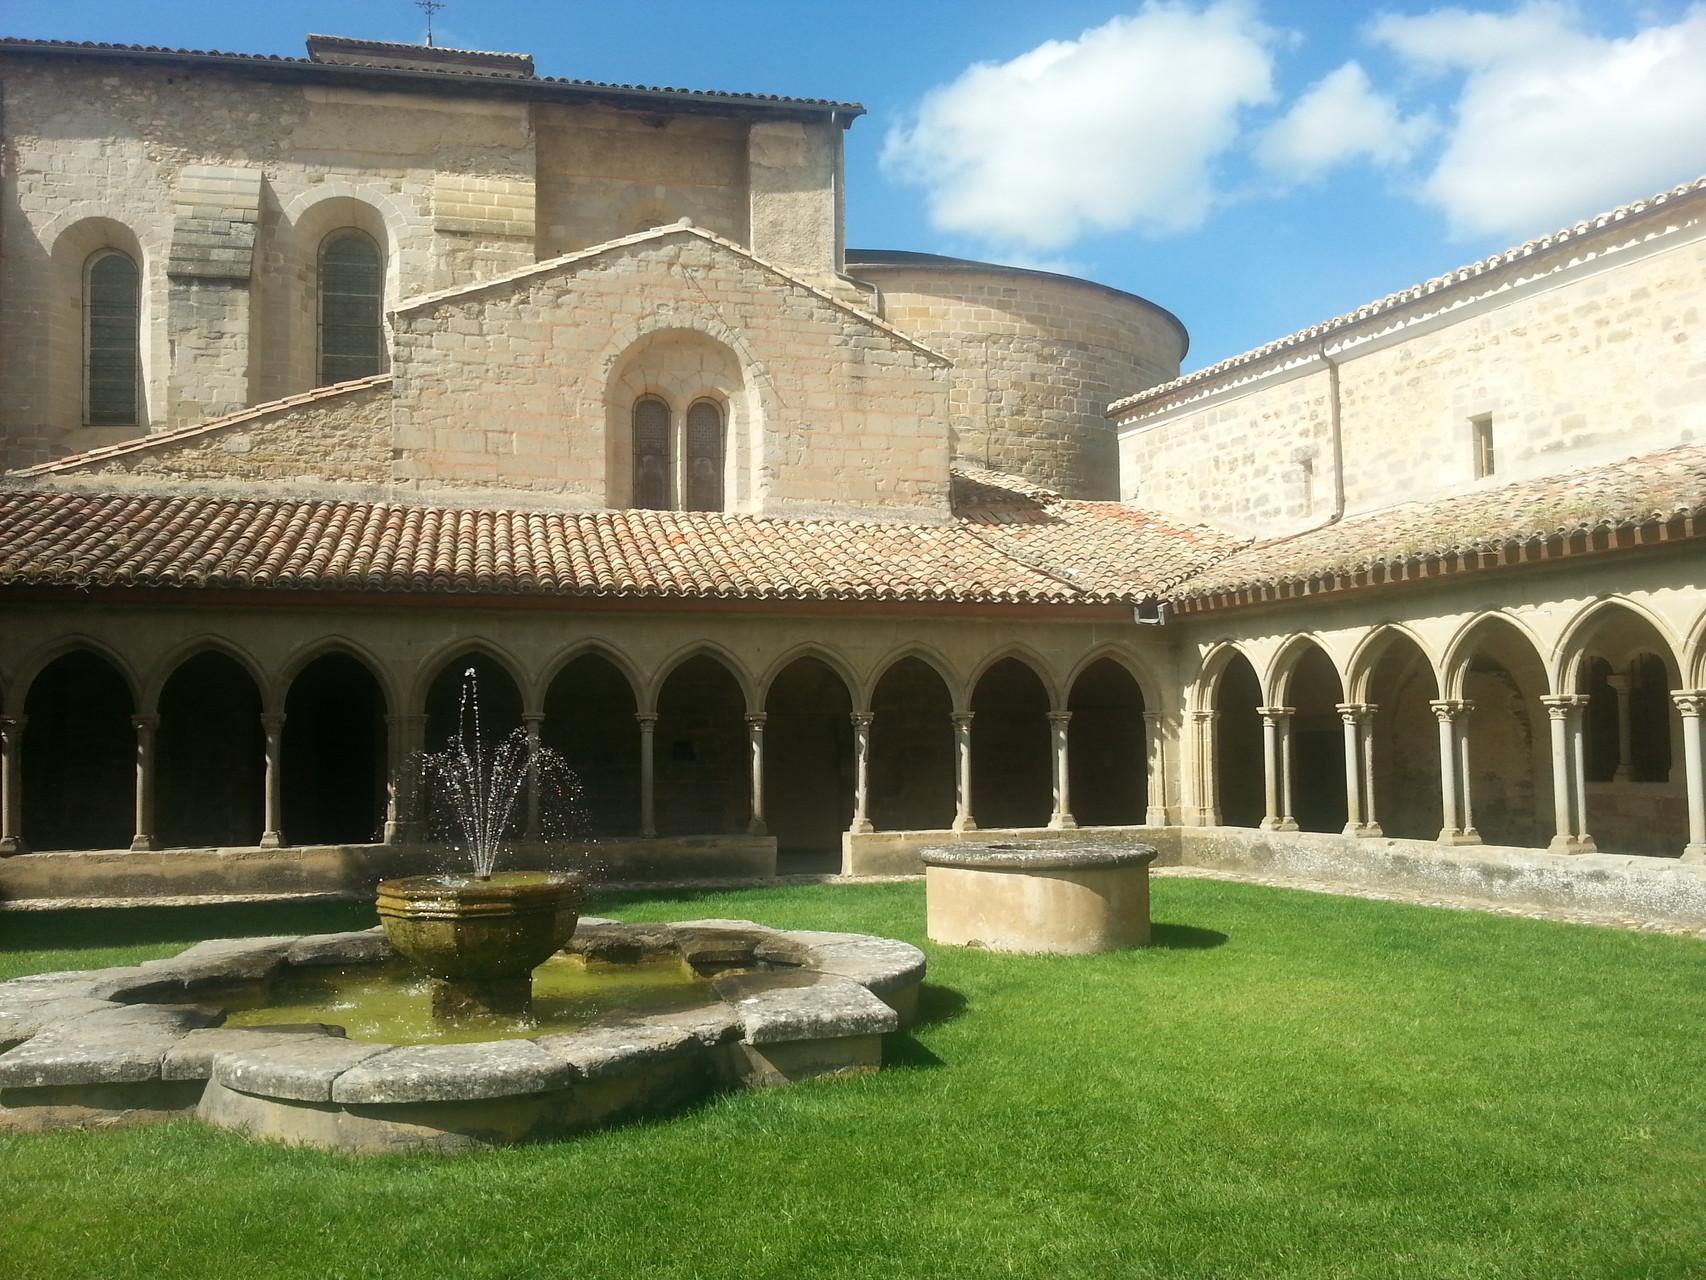 Sint Hilaire Abbey